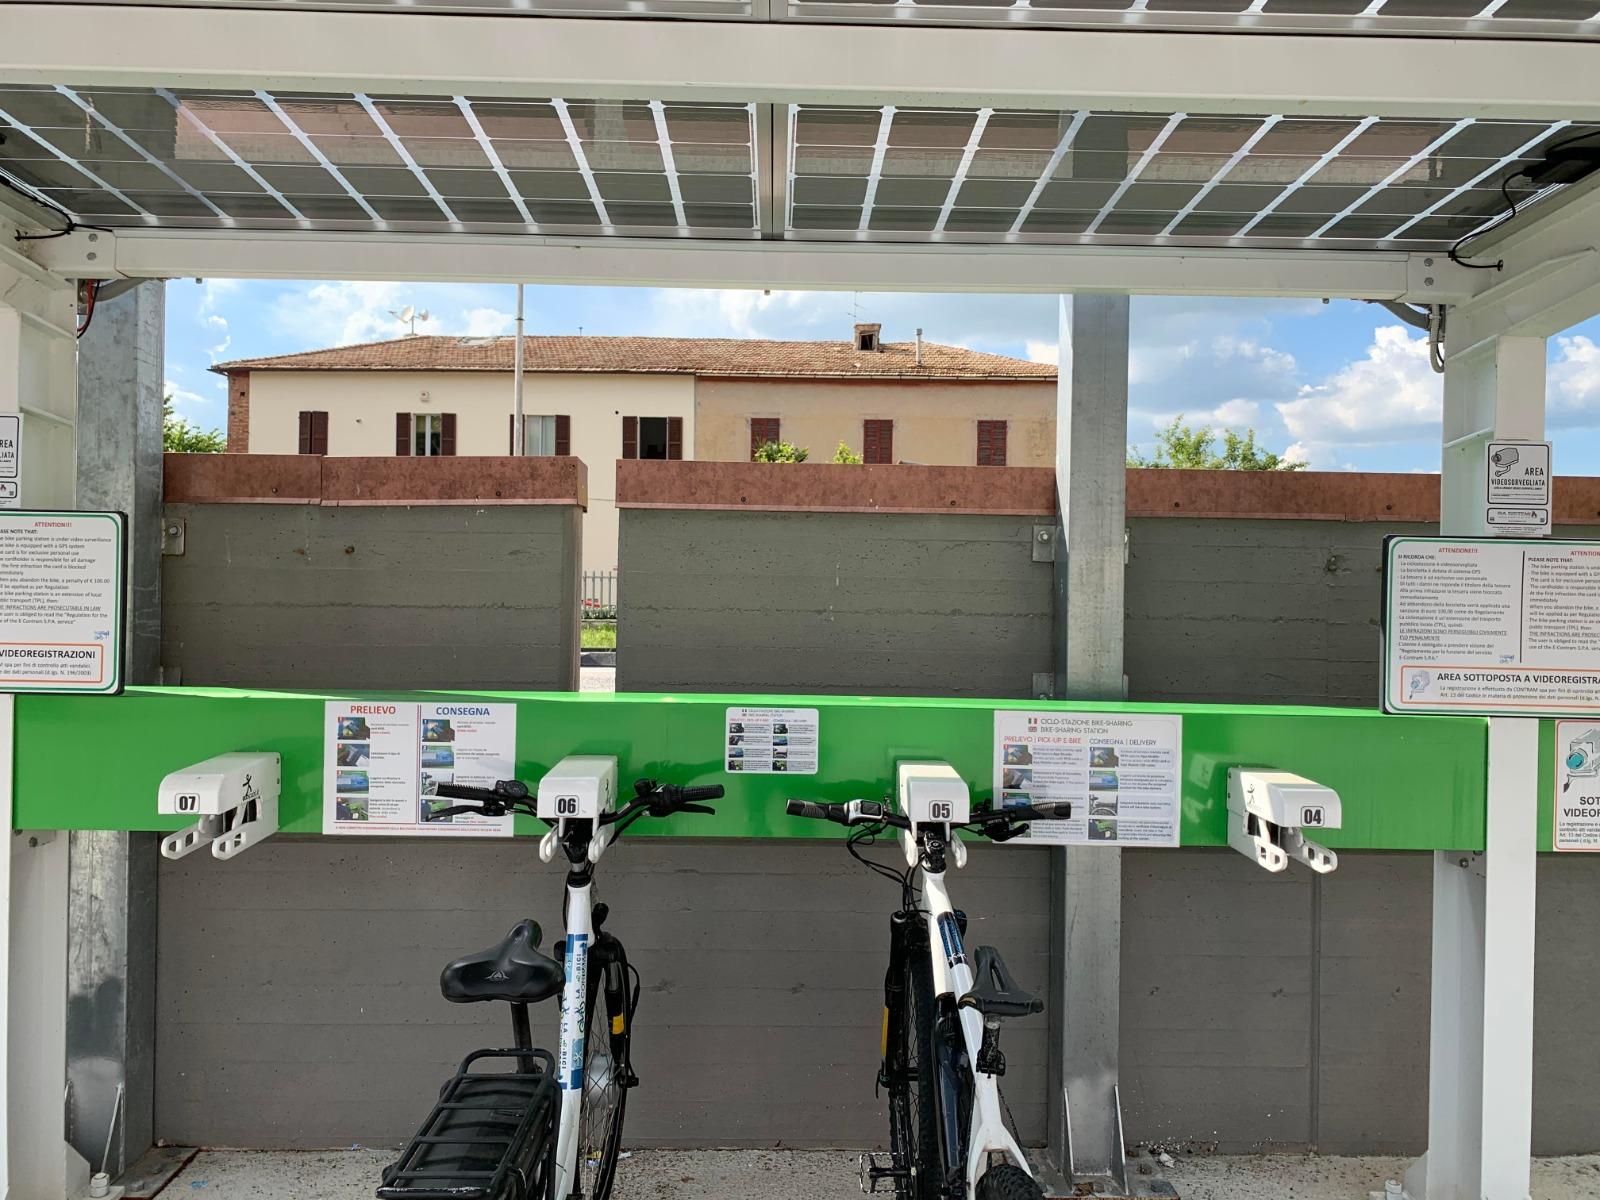 Nuova stazione bici elettriche